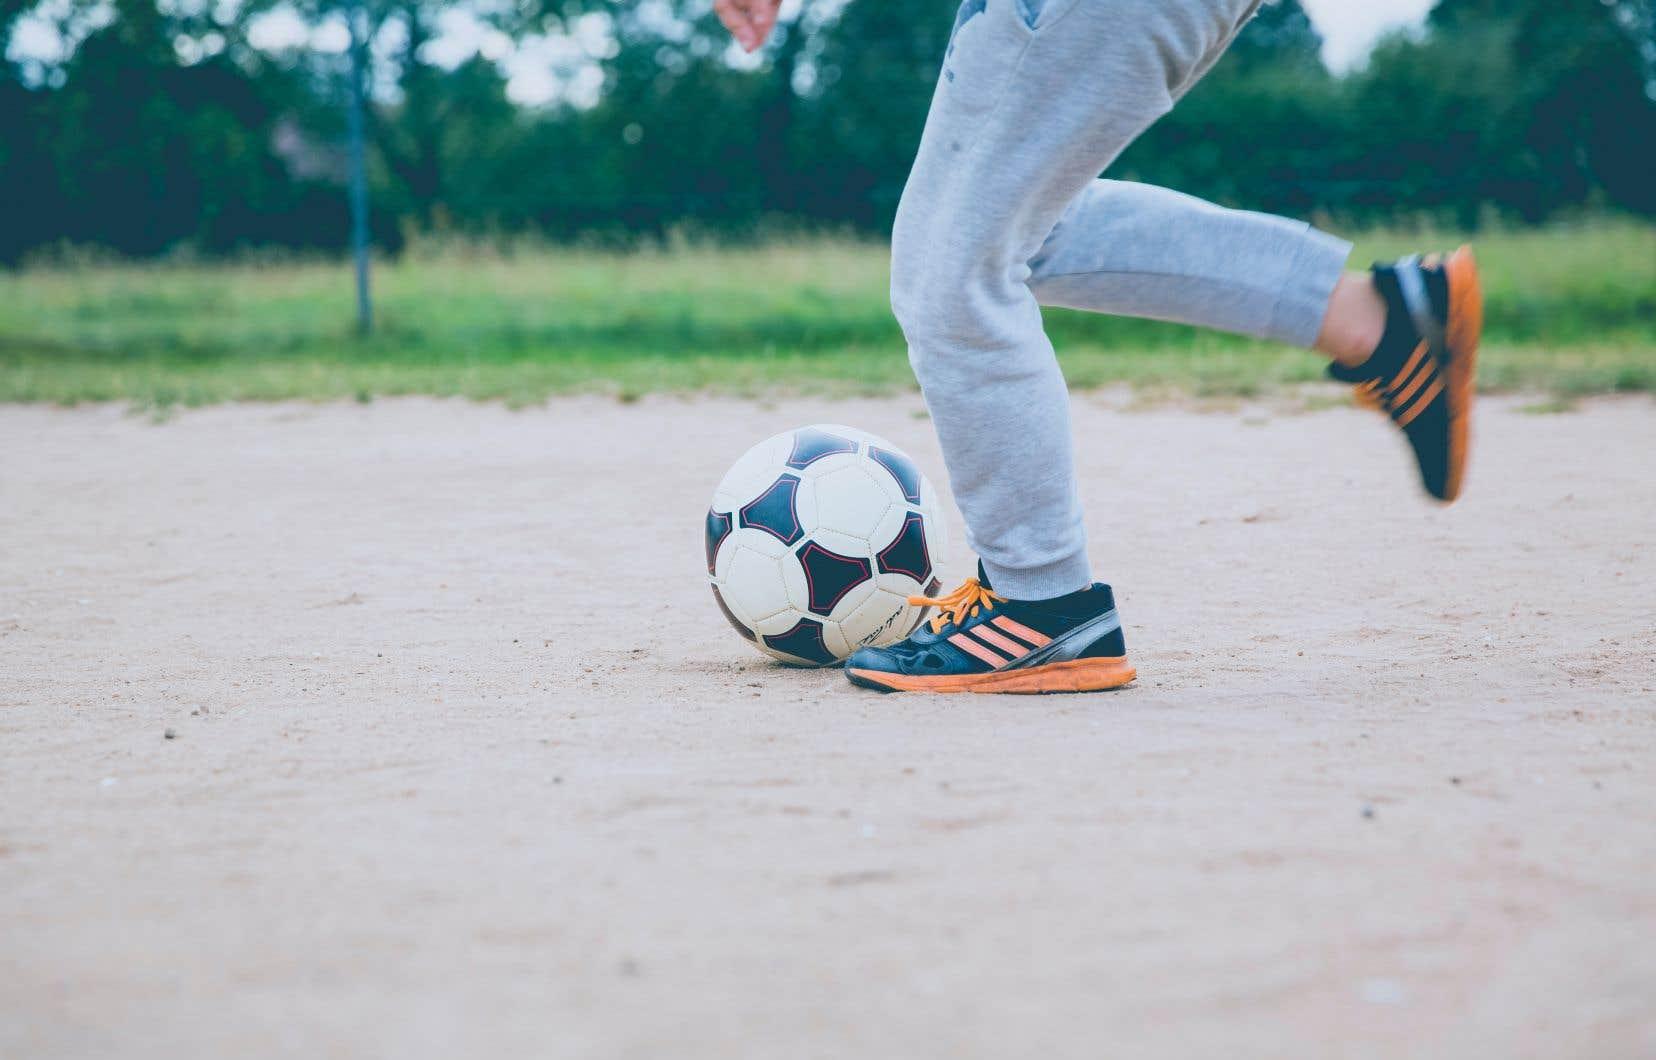 Selon les experts, le cours d'éducation physique permet aux jeunes de dépenser leur trop-plein d'énergie, ce qui augmente leur concentration en classe.